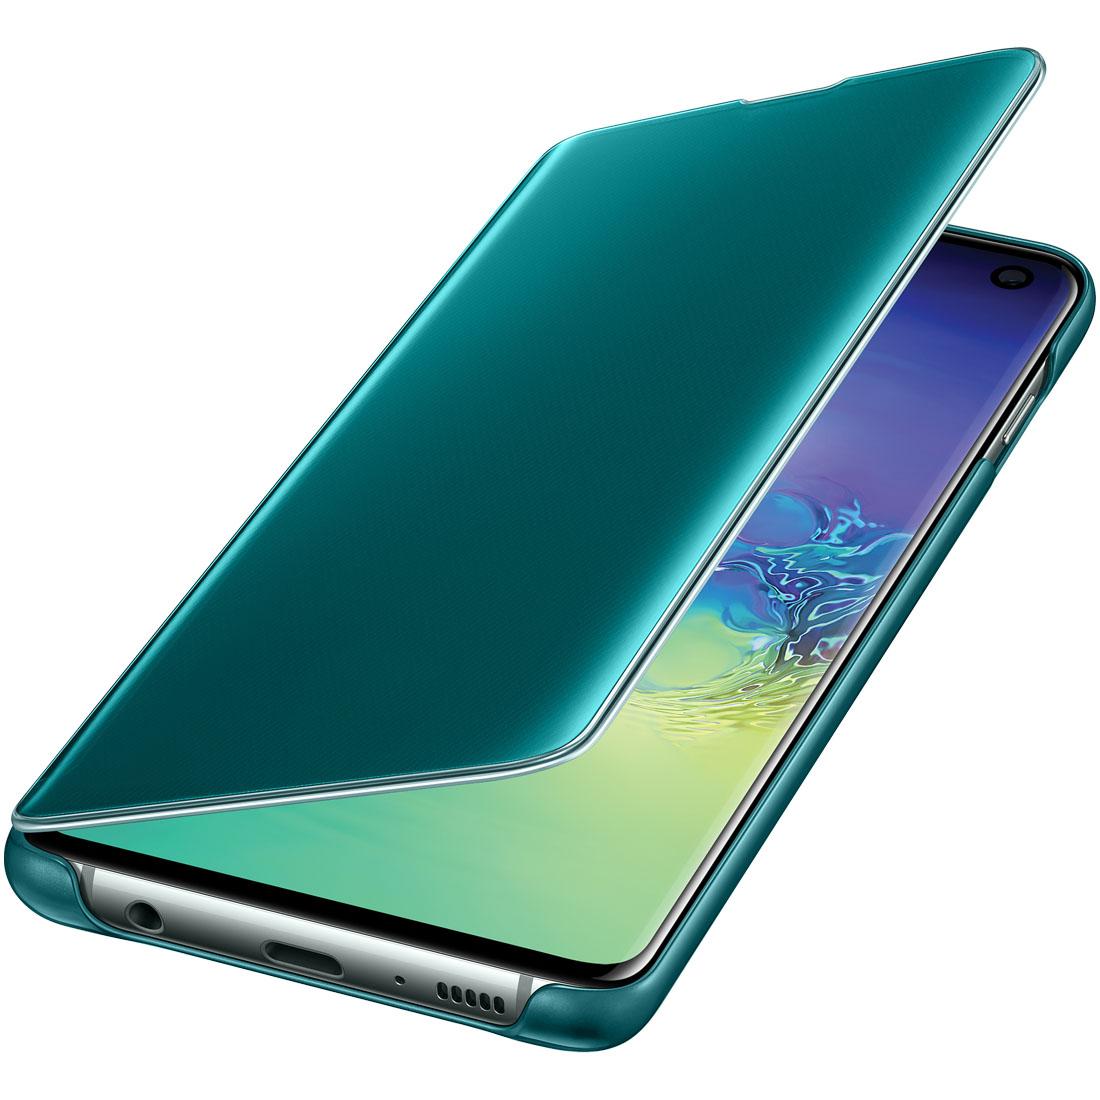 Capa Original Samsung Clear View Galaxy S10 6.1 pol SM-G973  - HARS